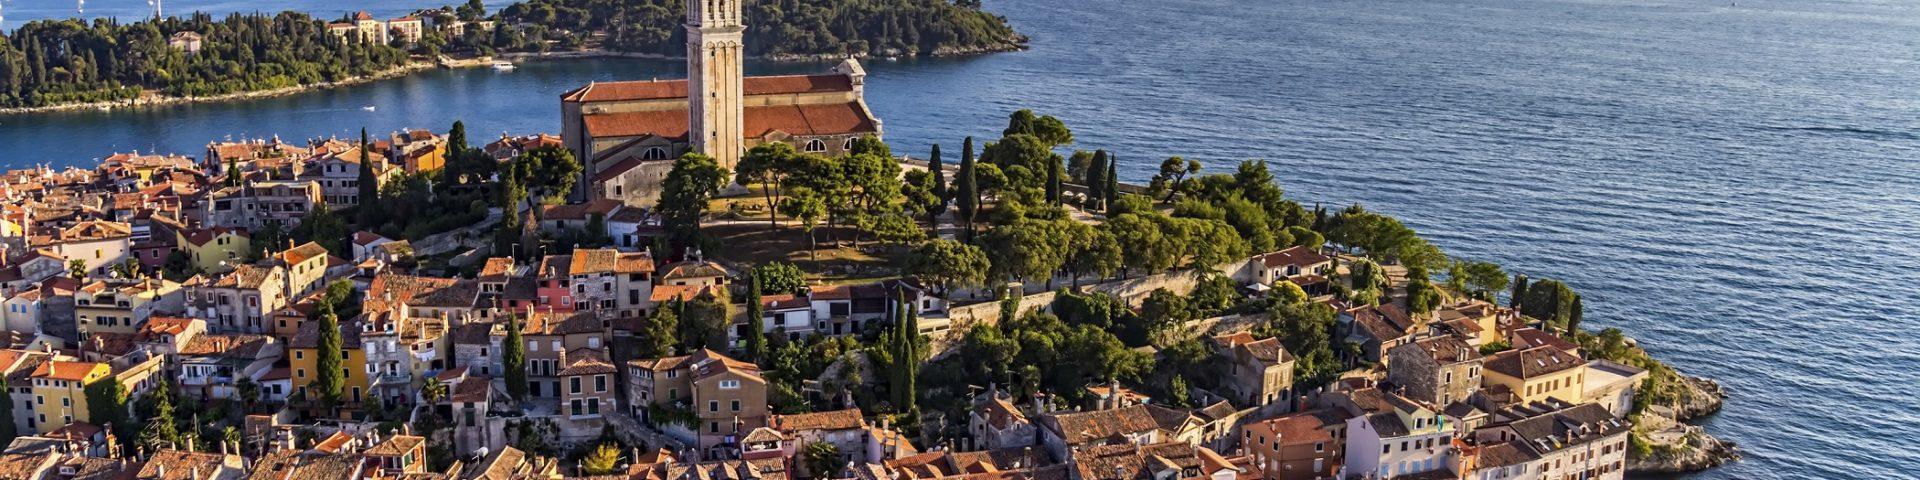 Хорватия и ее города!